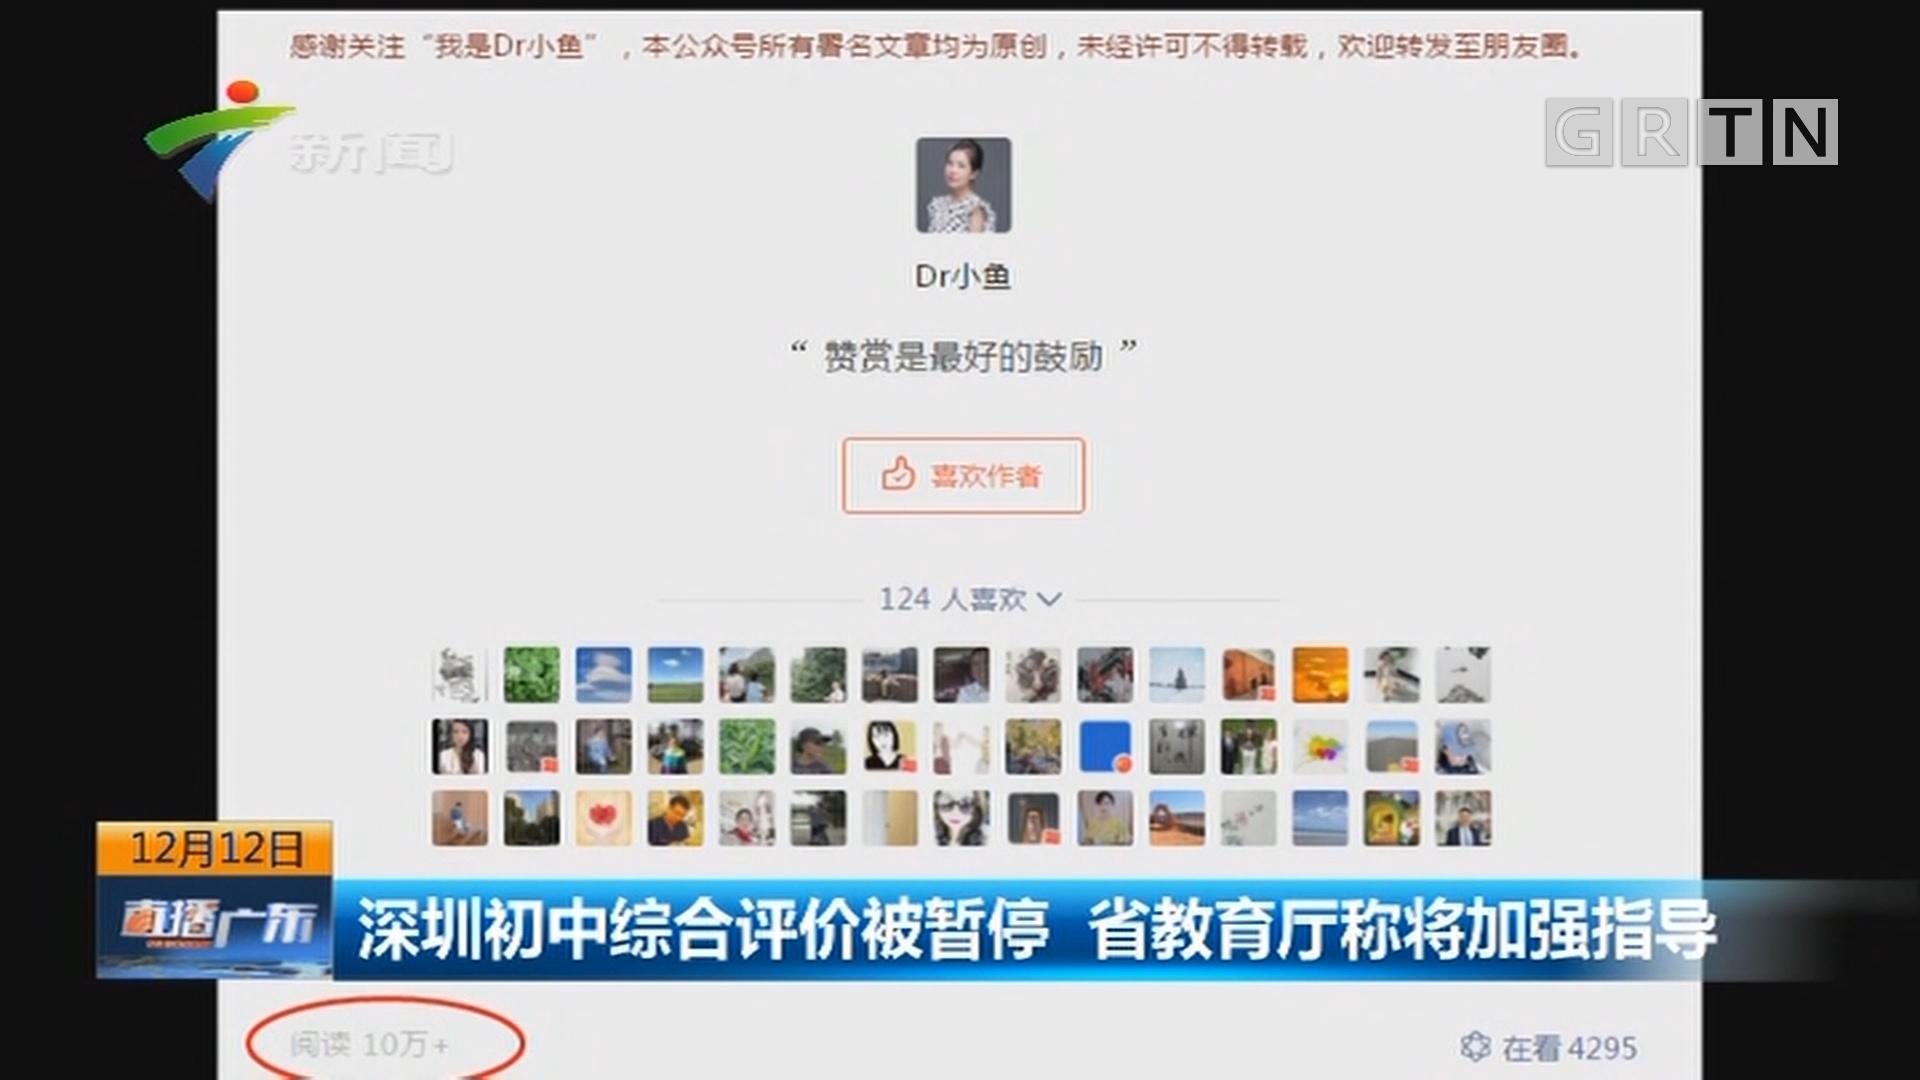 深圳初中综合评价被暂停 省教育厅称将加强指导